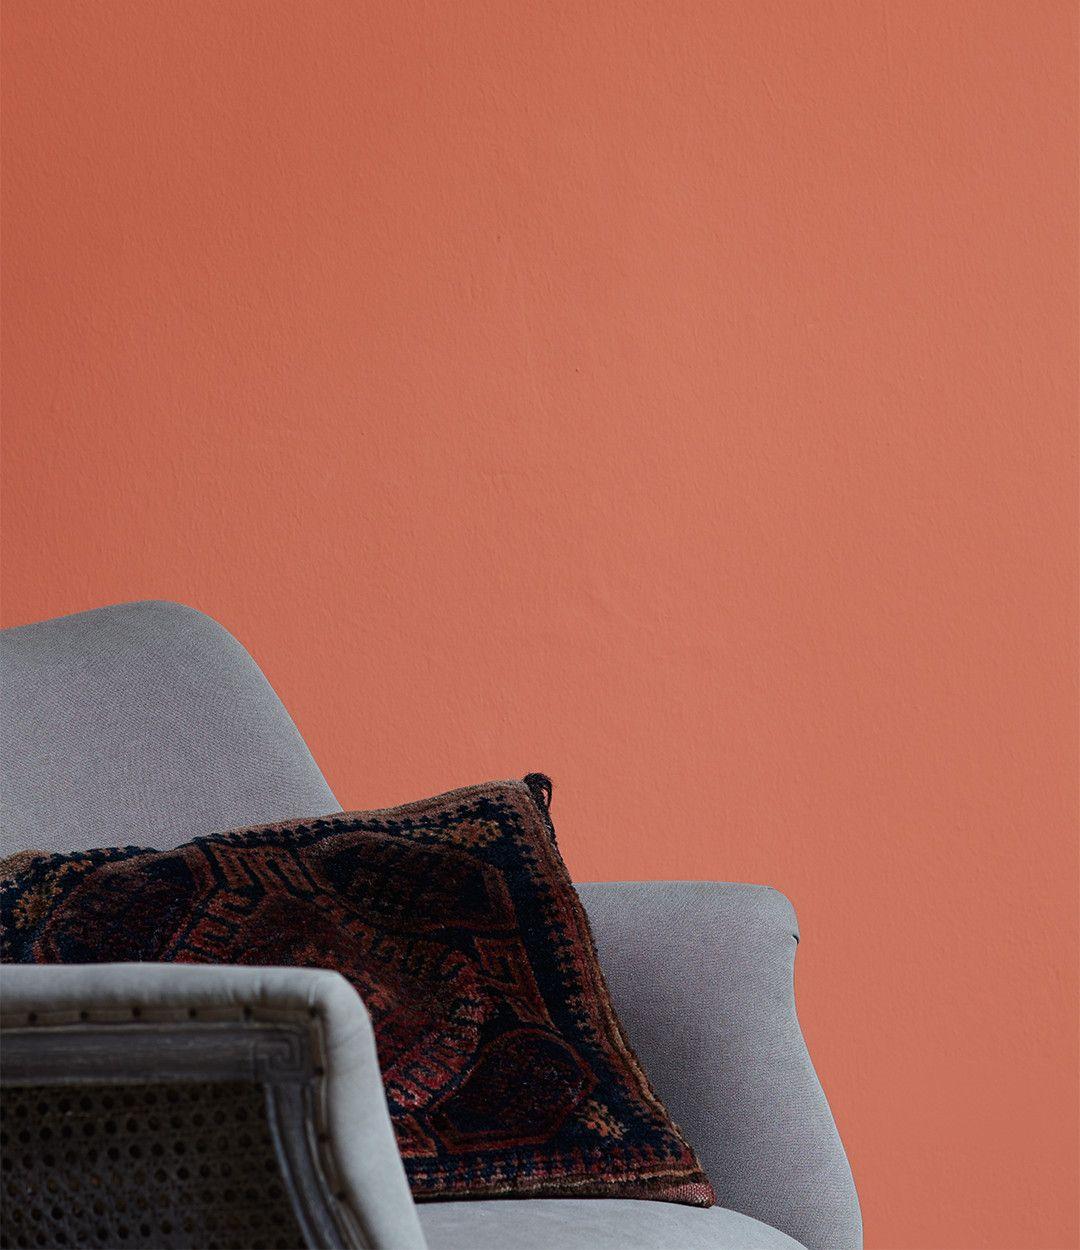 alpina feine farben no 26 duft des orients edle materialien verbreiten mit dieser nuance ein. Black Bedroom Furniture Sets. Home Design Ideas